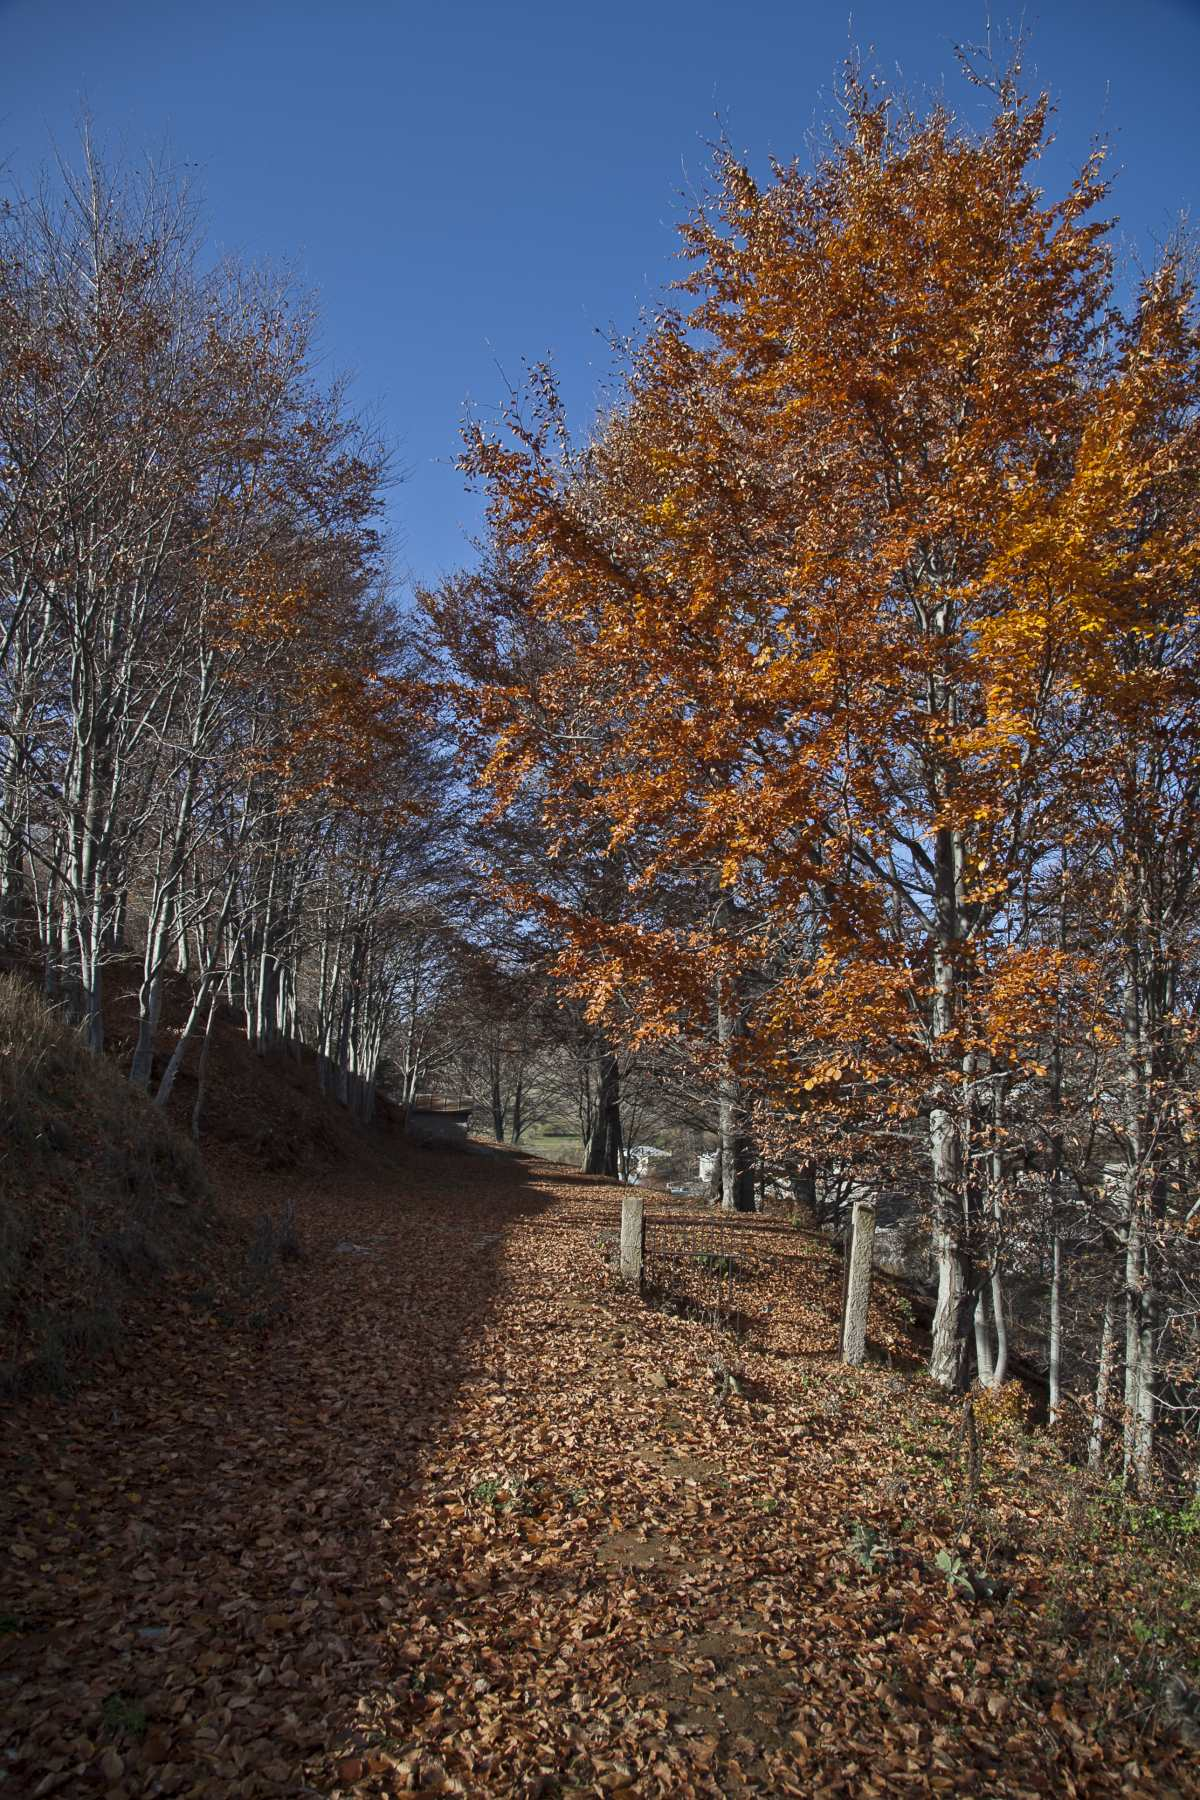 Φθινοπωρινές εικόνες, Νυμφαίο